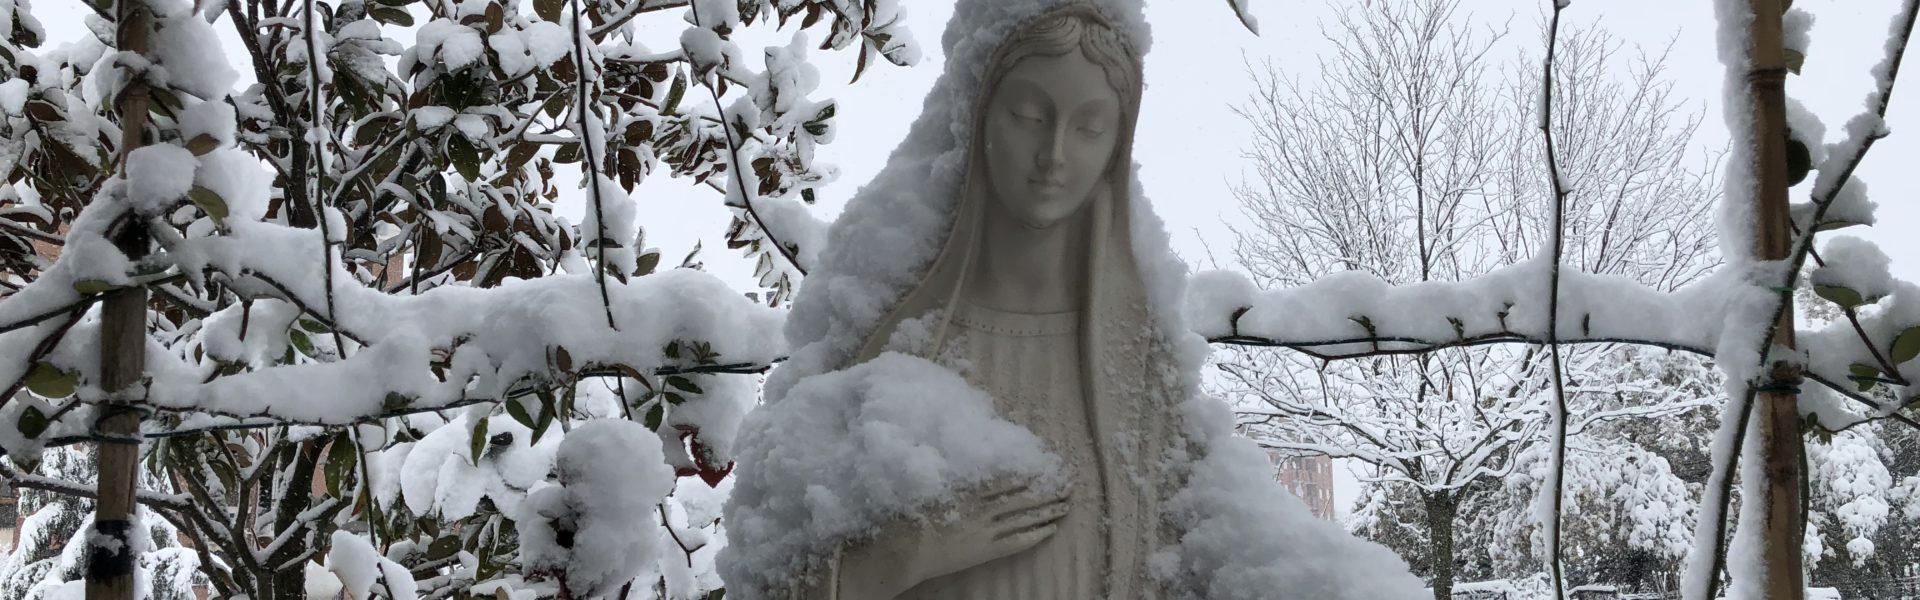 Maria a te cerchiamo rifugio…